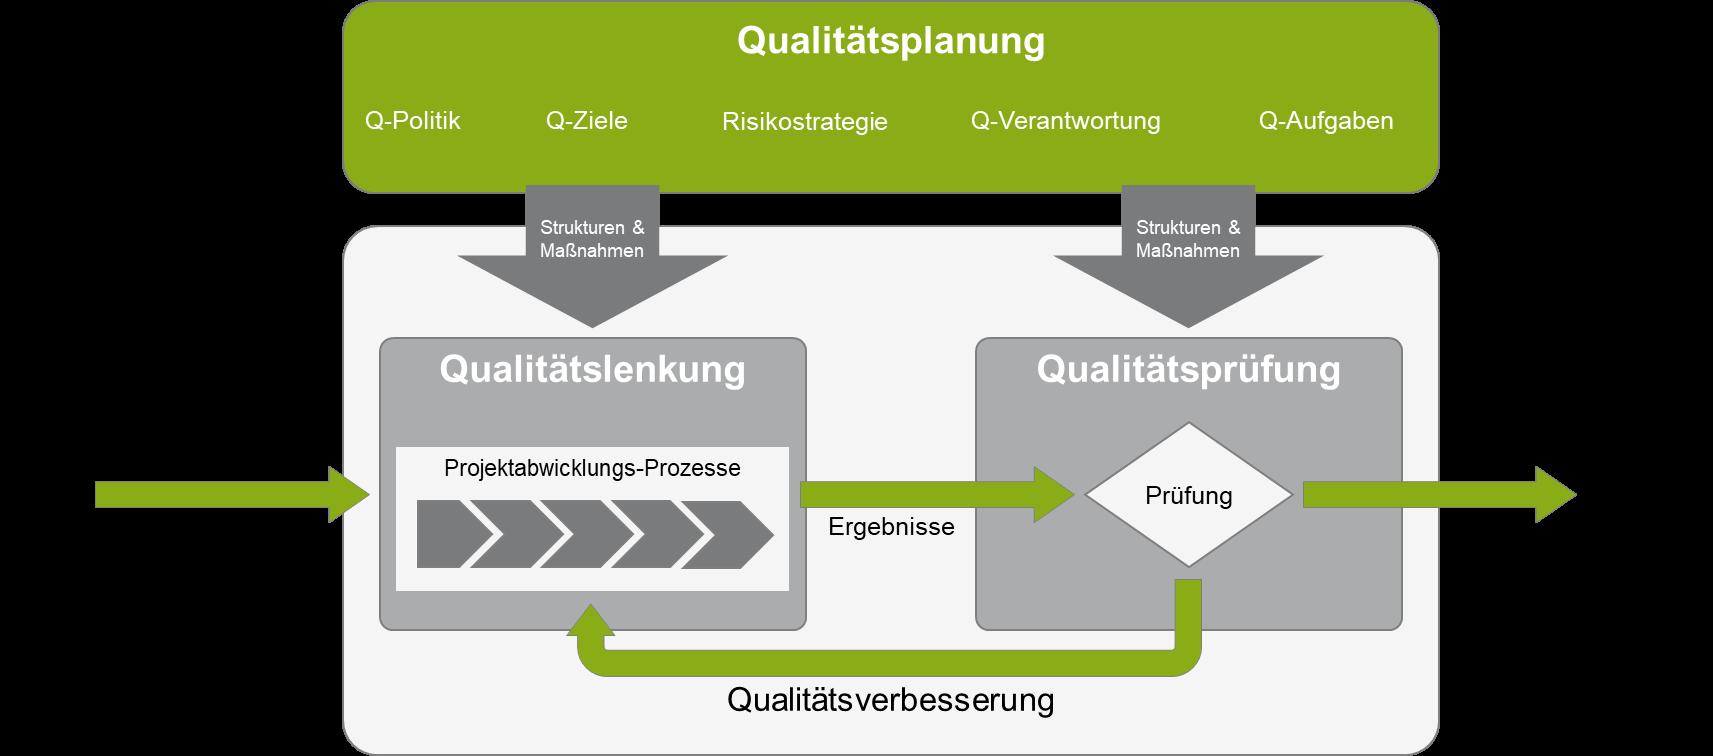 Qualitätsmanagement: Planungsprozess